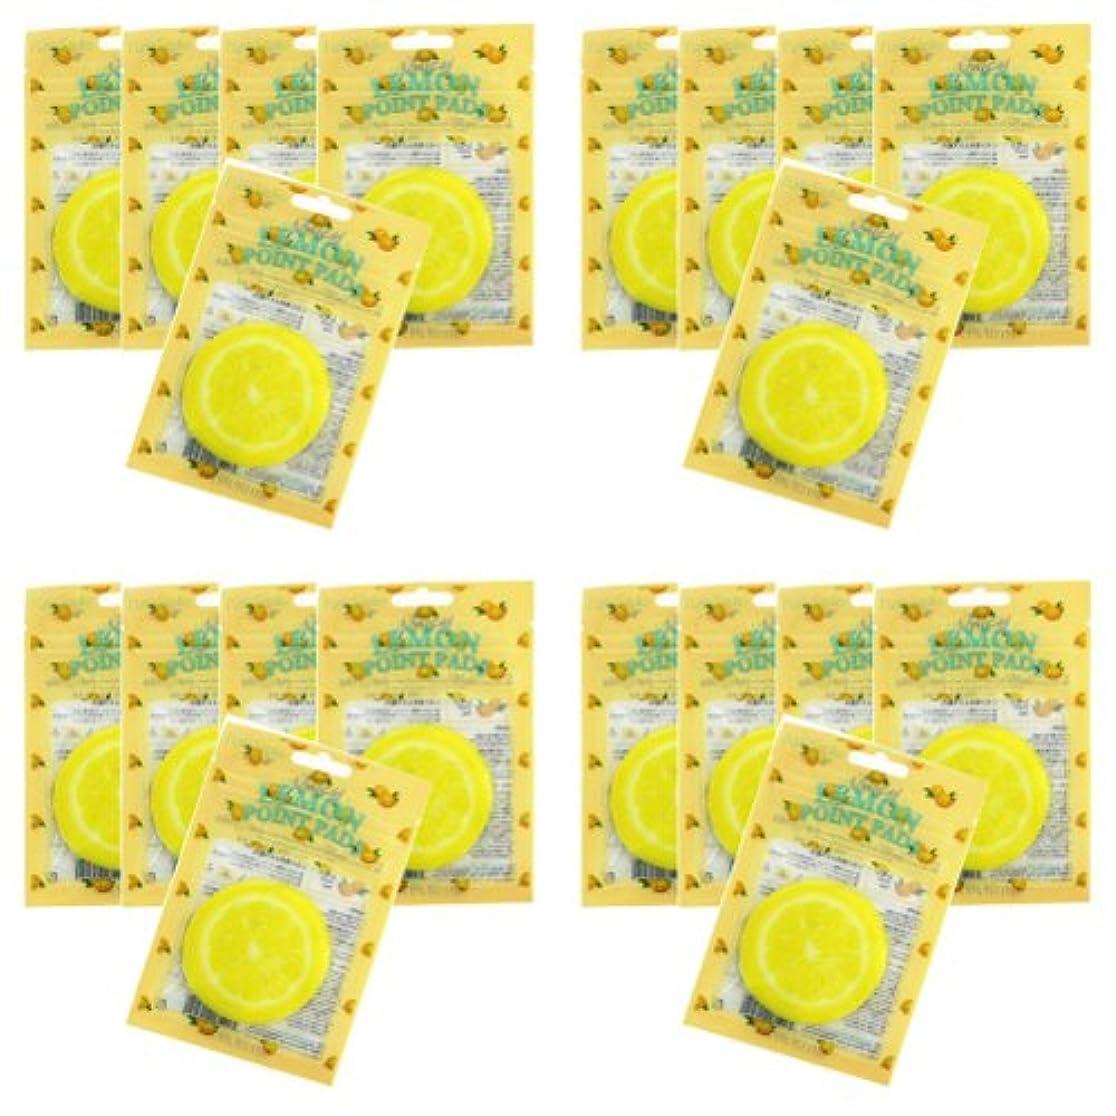 借りている健康国旗ピュアスマイル ジューシーポイントパッド レモン20パックセット(1パック10枚入 合計200枚)